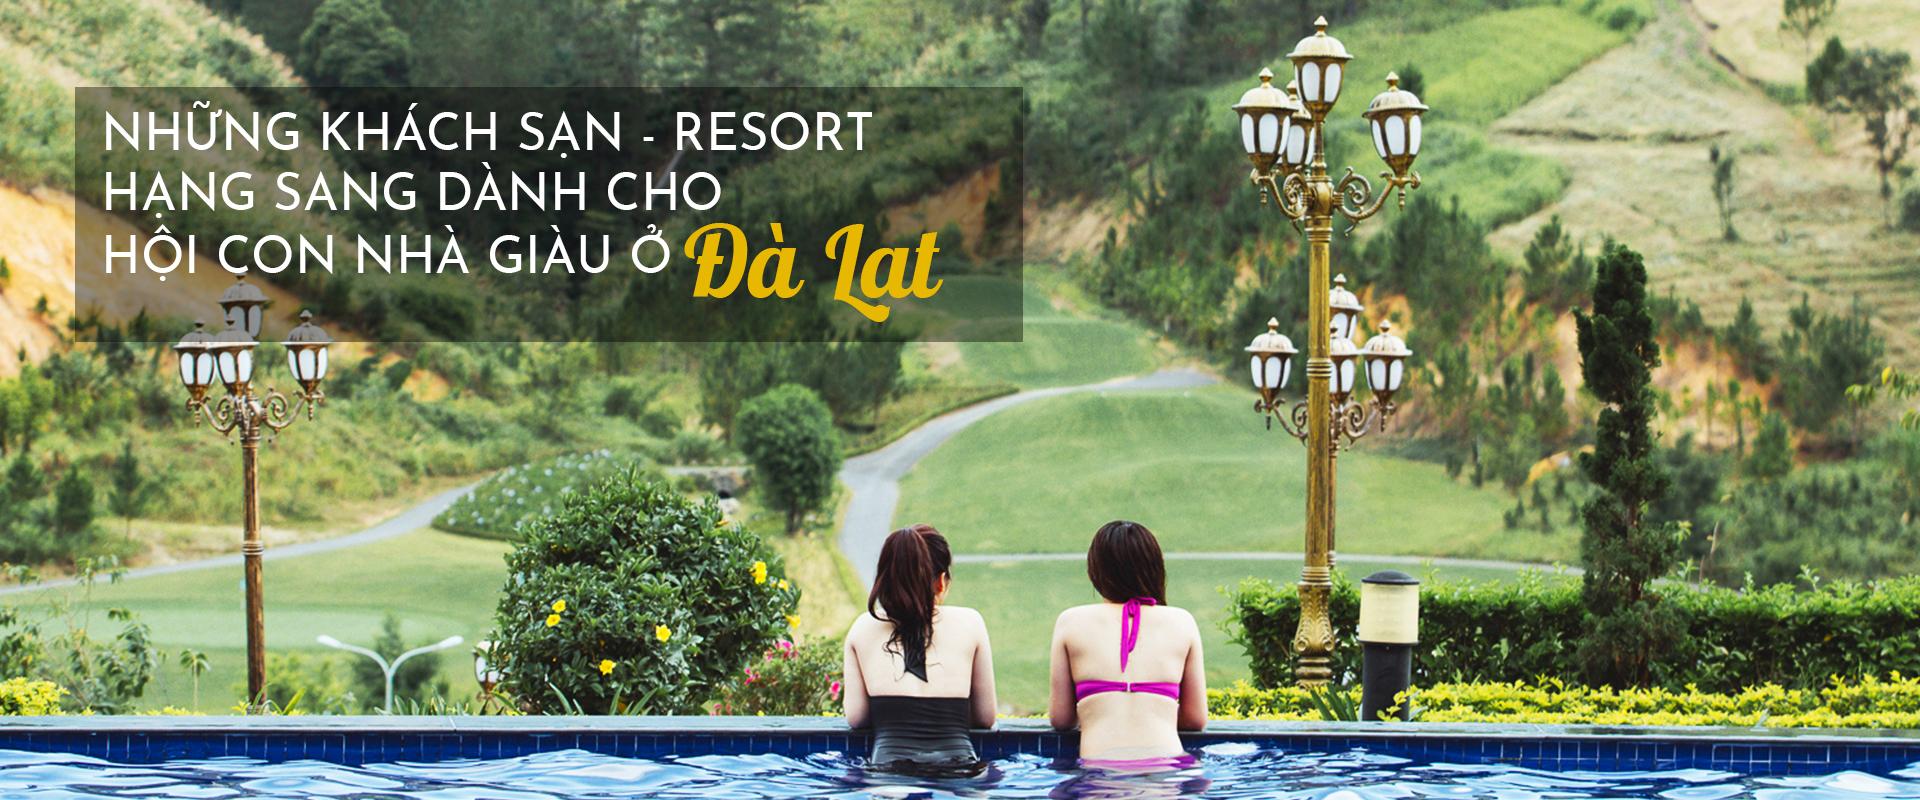 Đi du lịch Đà Lạt, ghé những khu nghỉ hạng sang dành cho hội